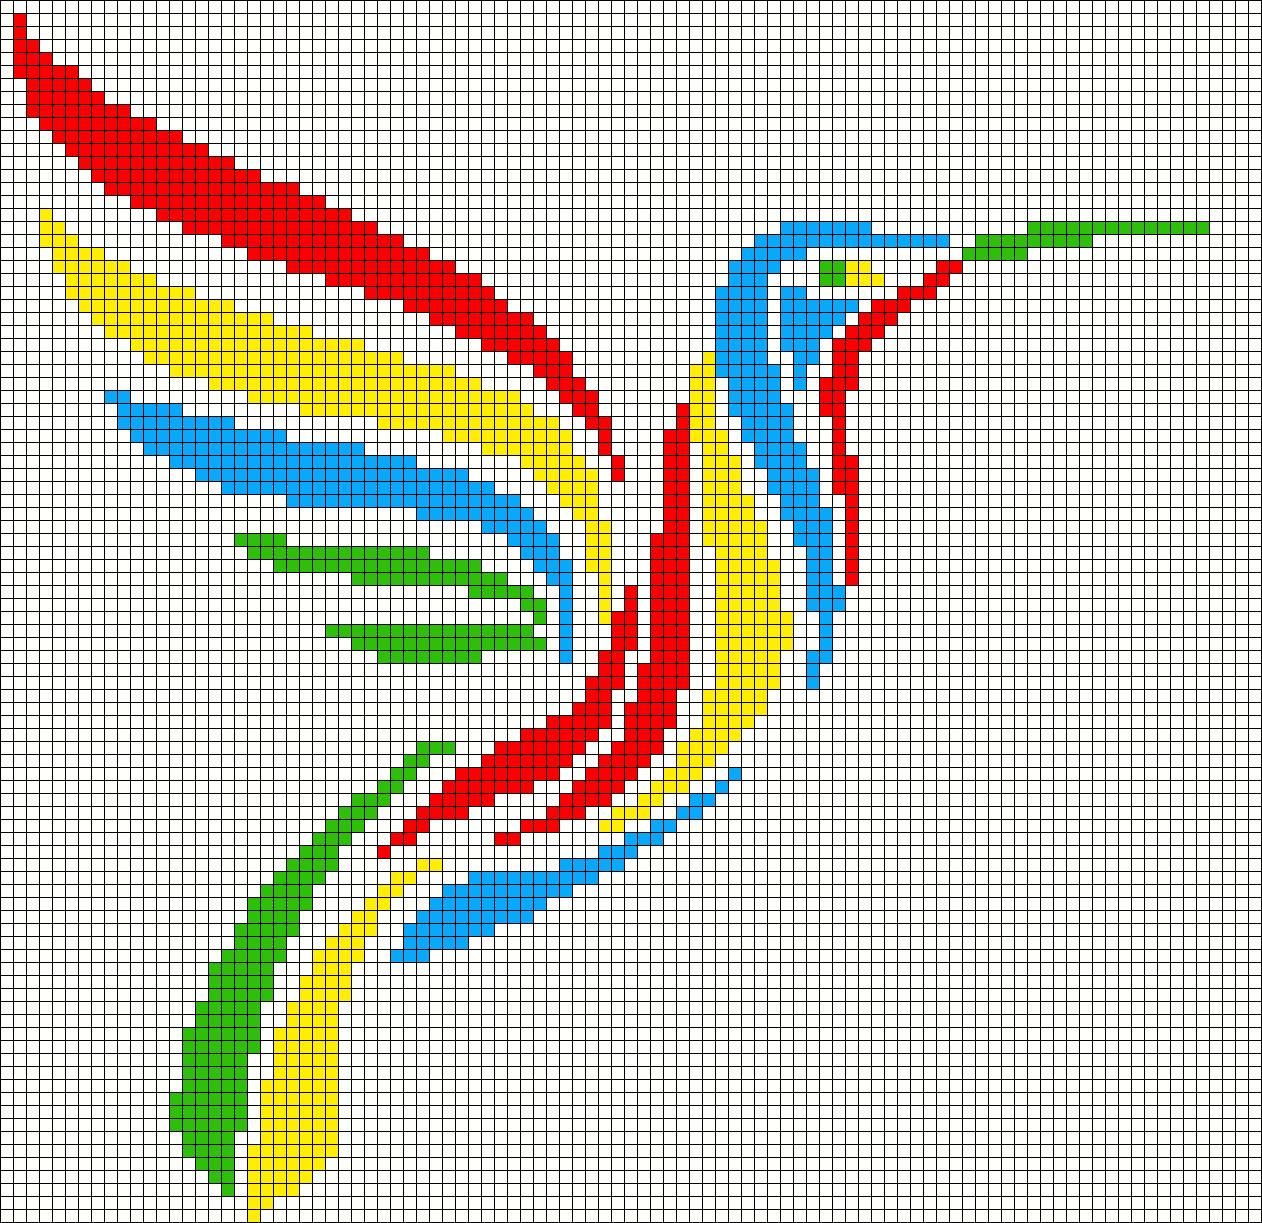 Рисунки по клеточкам Майнкрафт 6